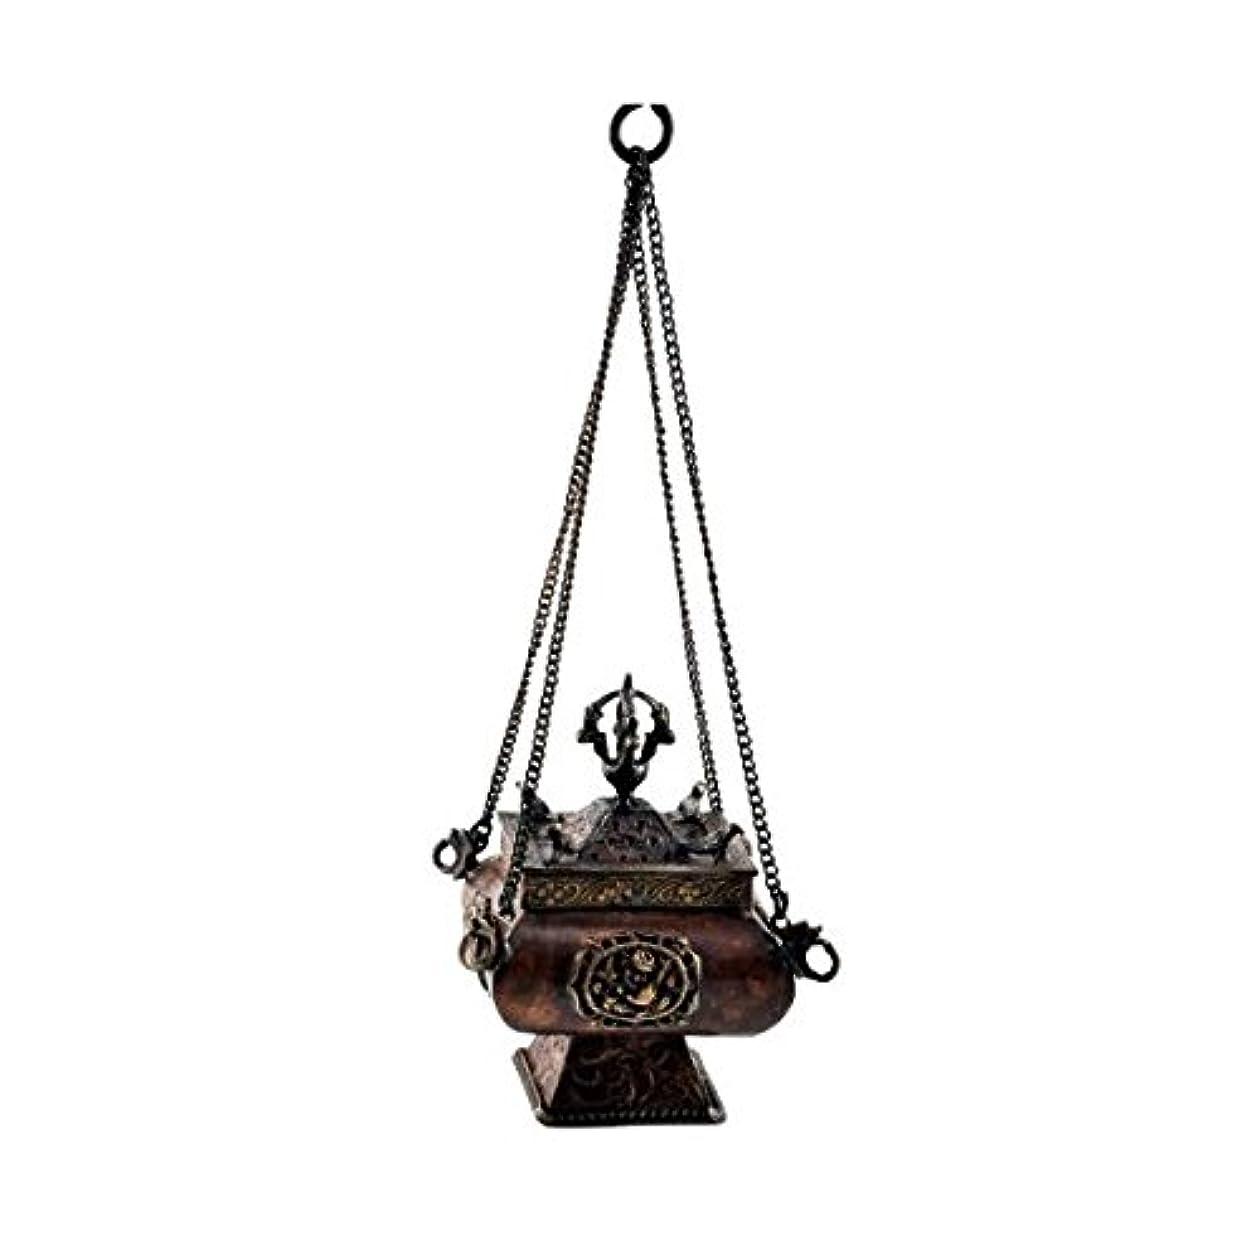 マイク蜜元気プレミアム品質銅真鍮Hanging Incense Burner Incense Burner